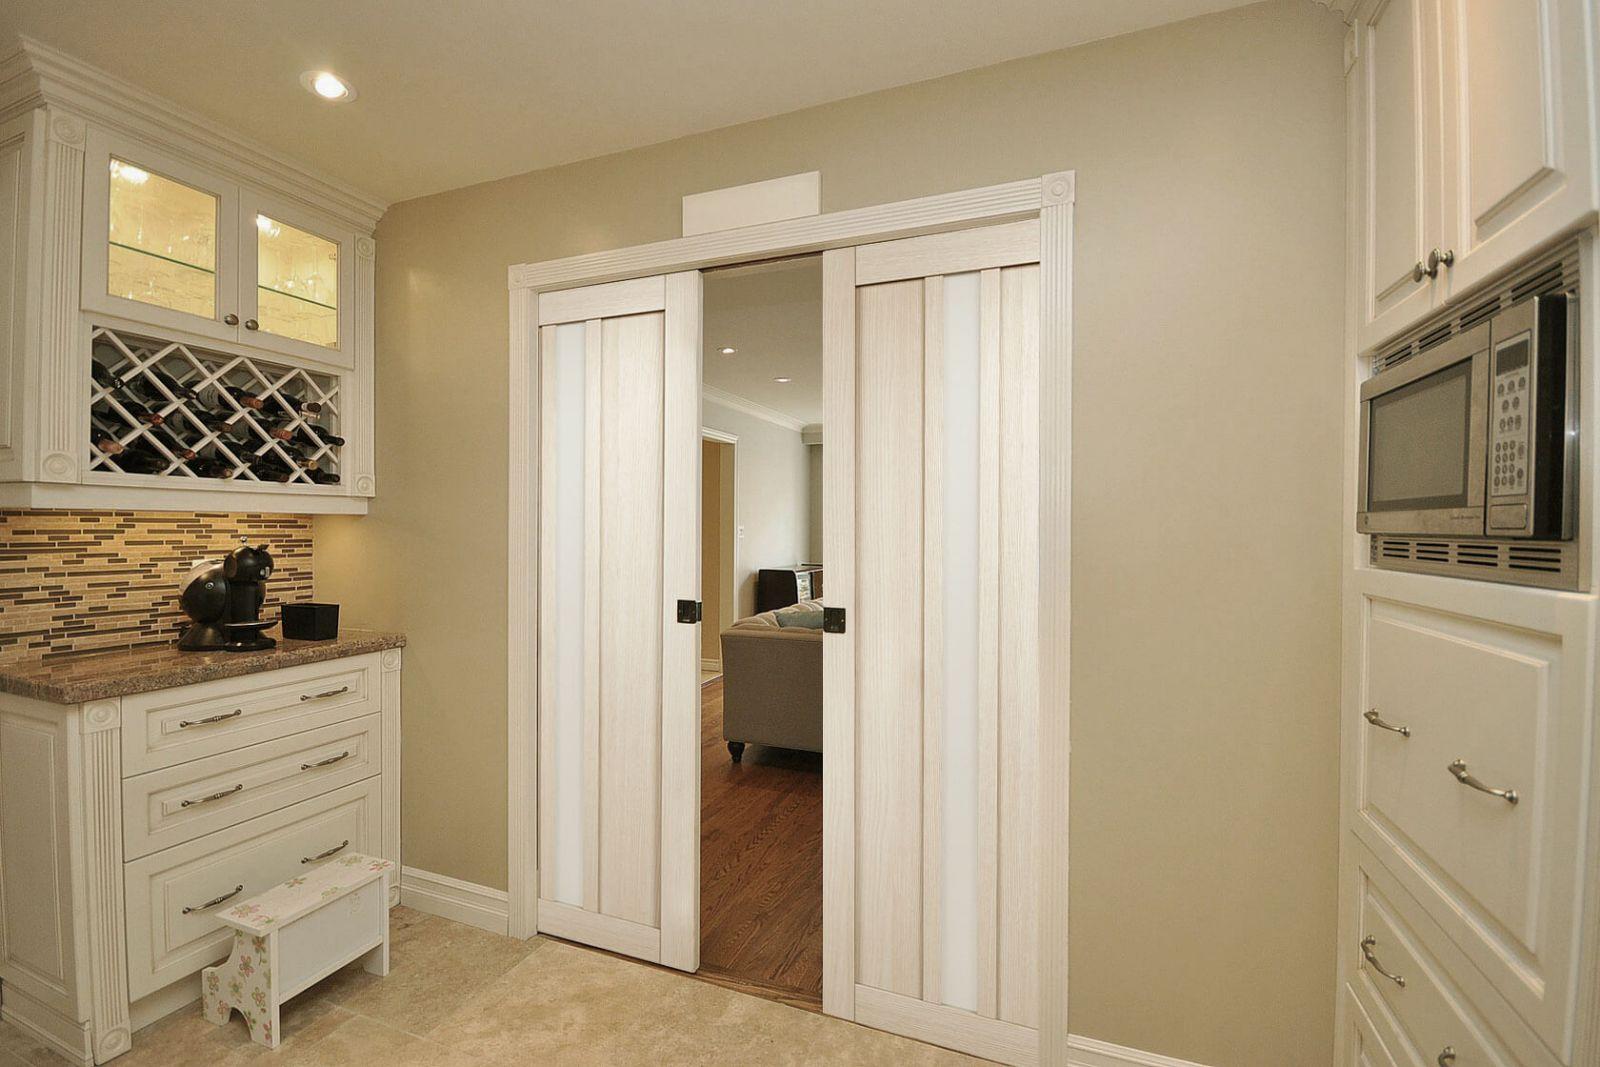 Функциональные раздвижные межкомнатные двери.